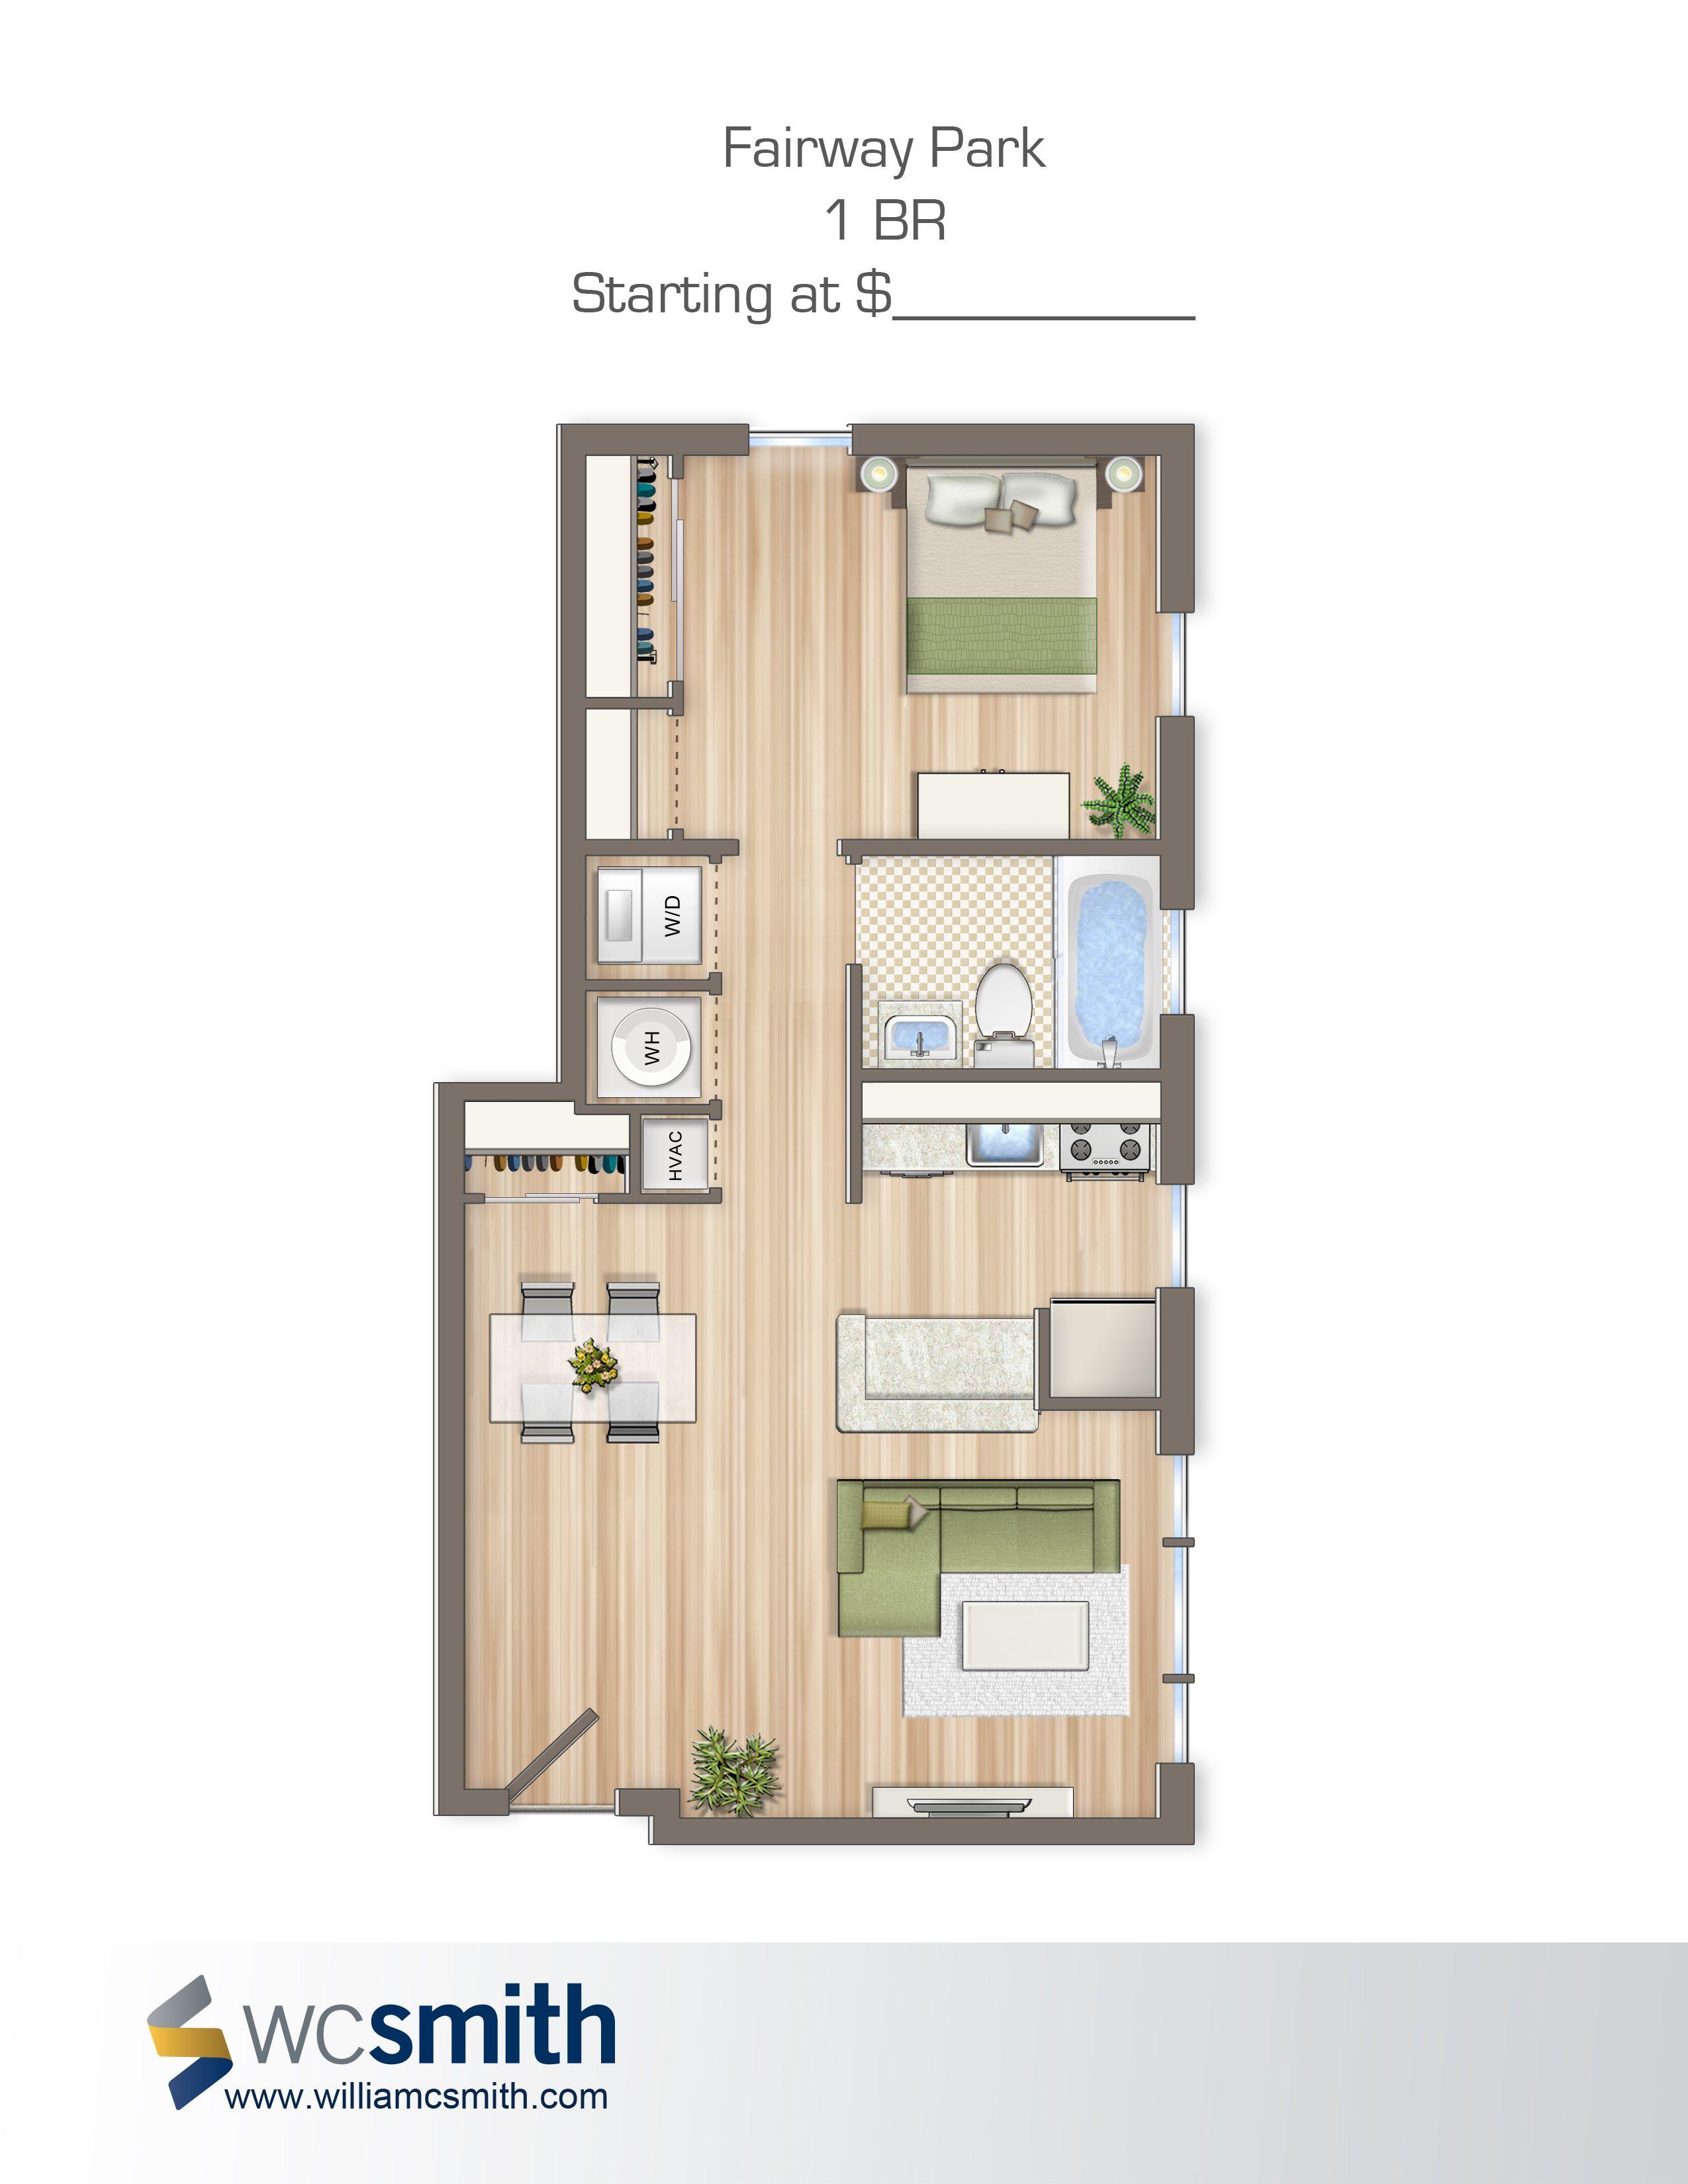 One bedroom floor plan fairway park in northeast for Northeast house plans